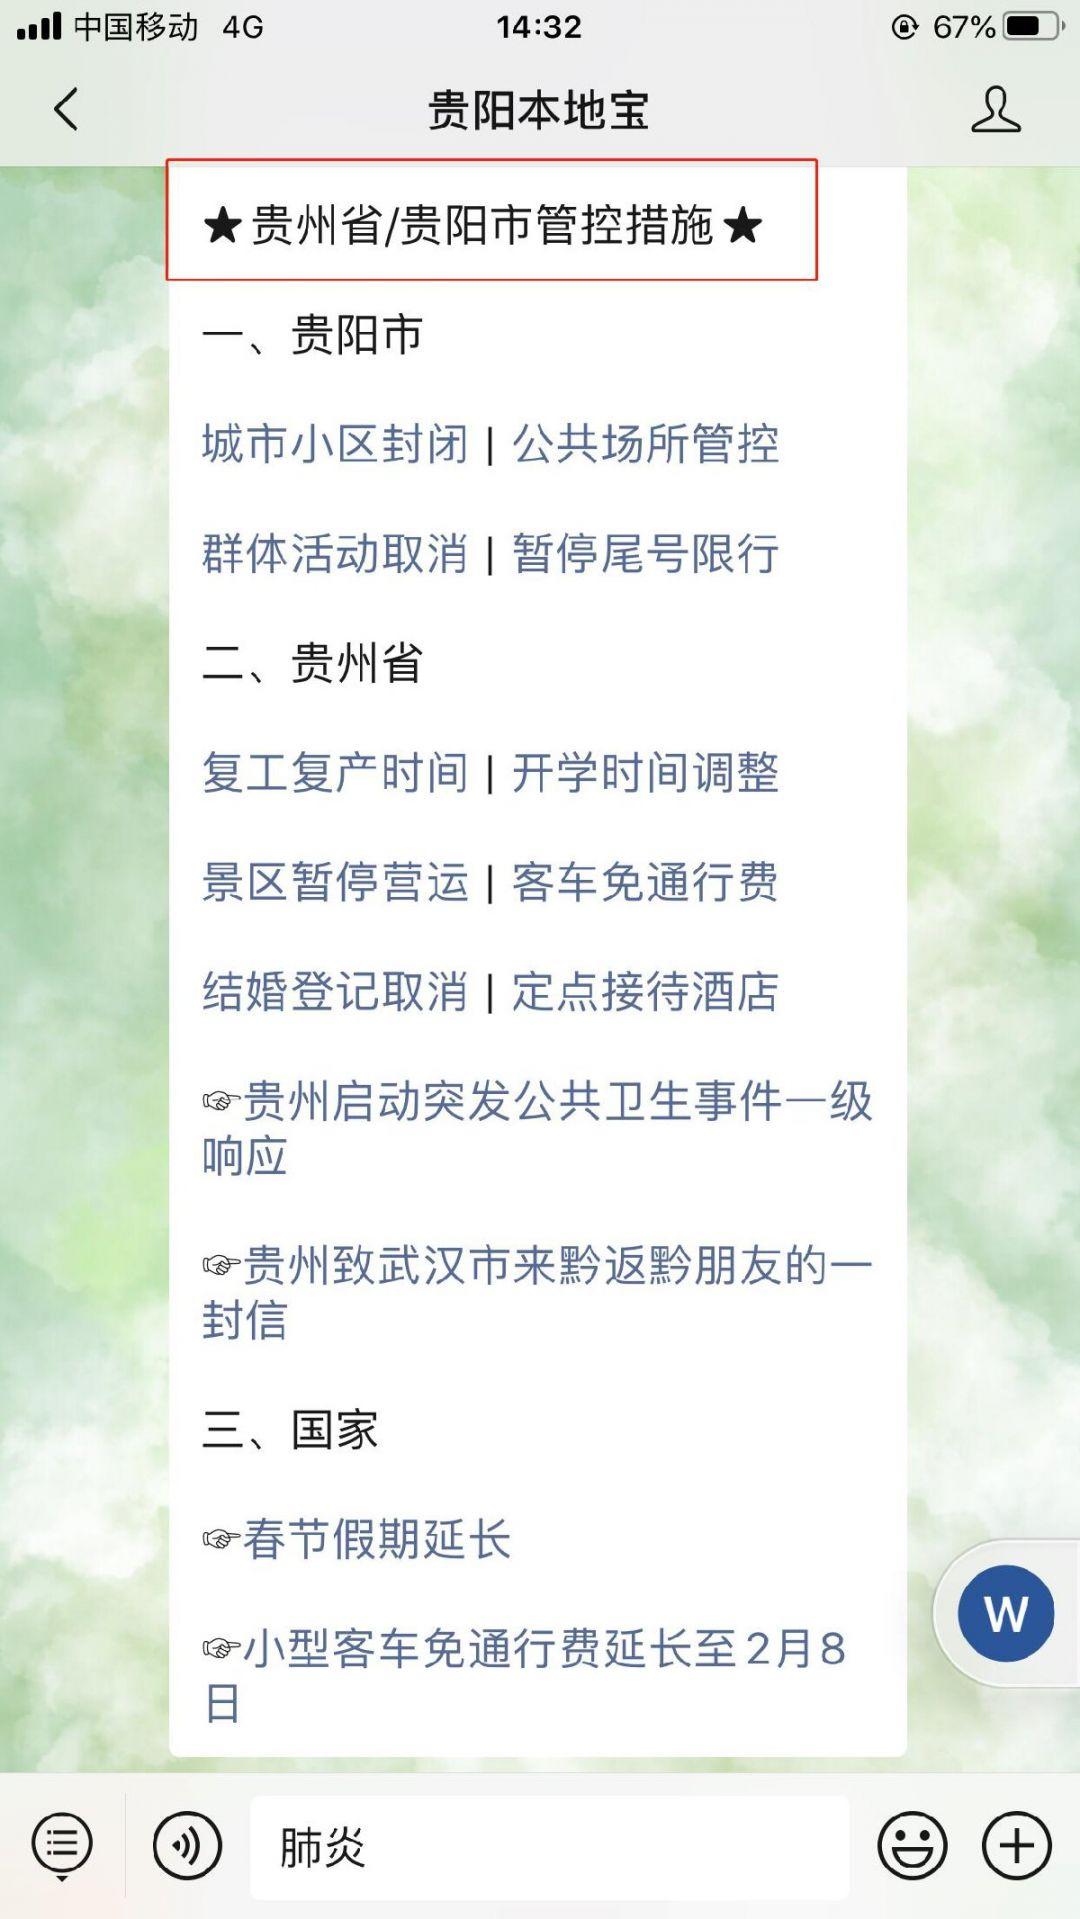 贵阳关于暂停实施小客车尾号限行措施的通告(官方原文)